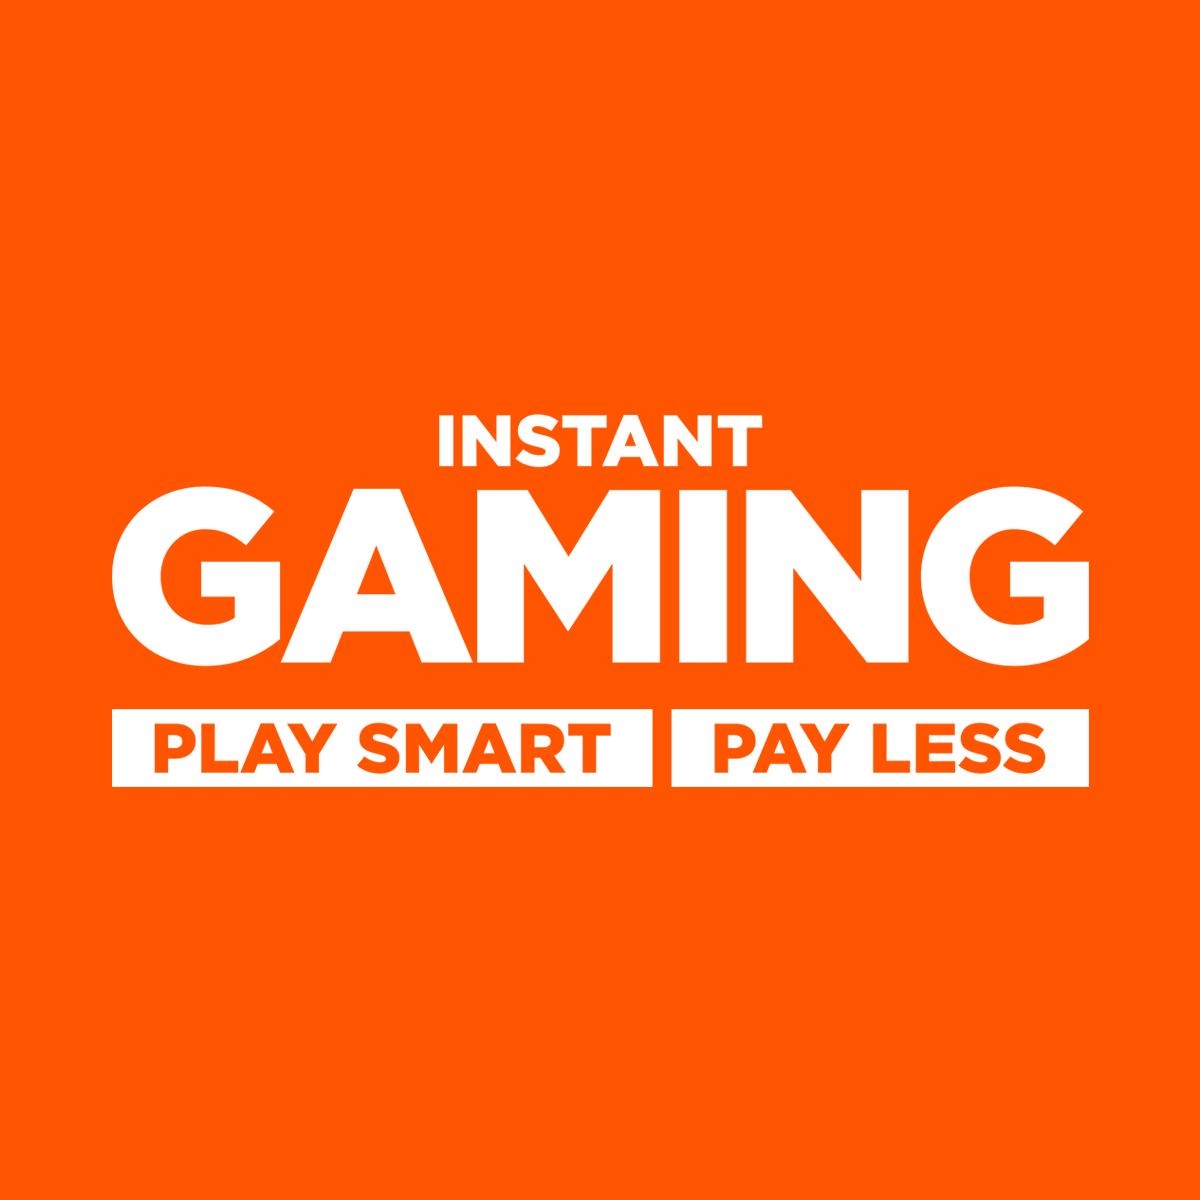 Instant Gaming Códigos De Patrocinio